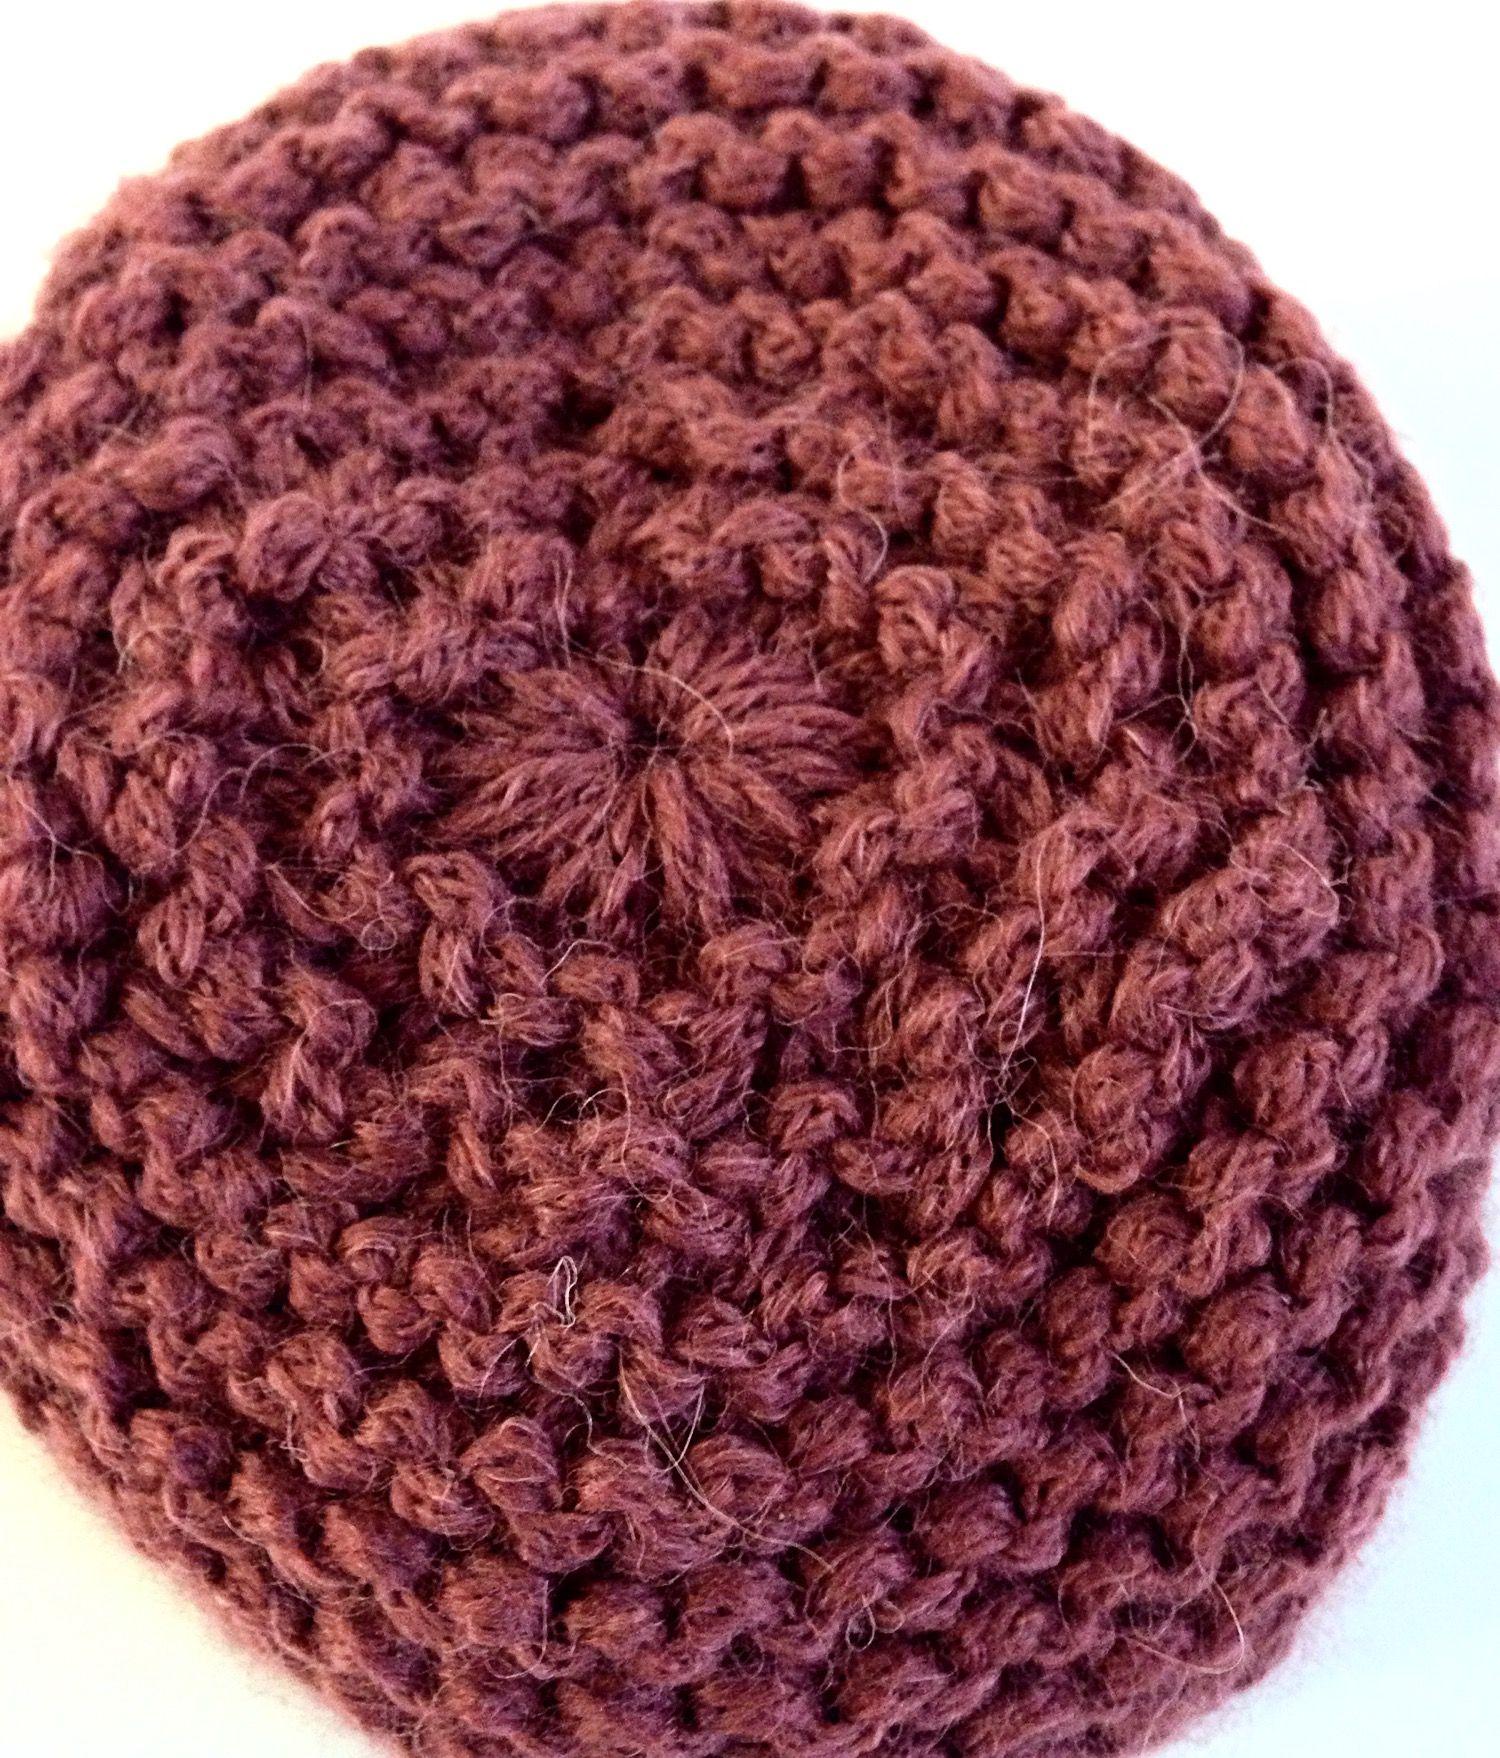 yarn, wool, debbie bliss, debbie bliss paloma, garter ...